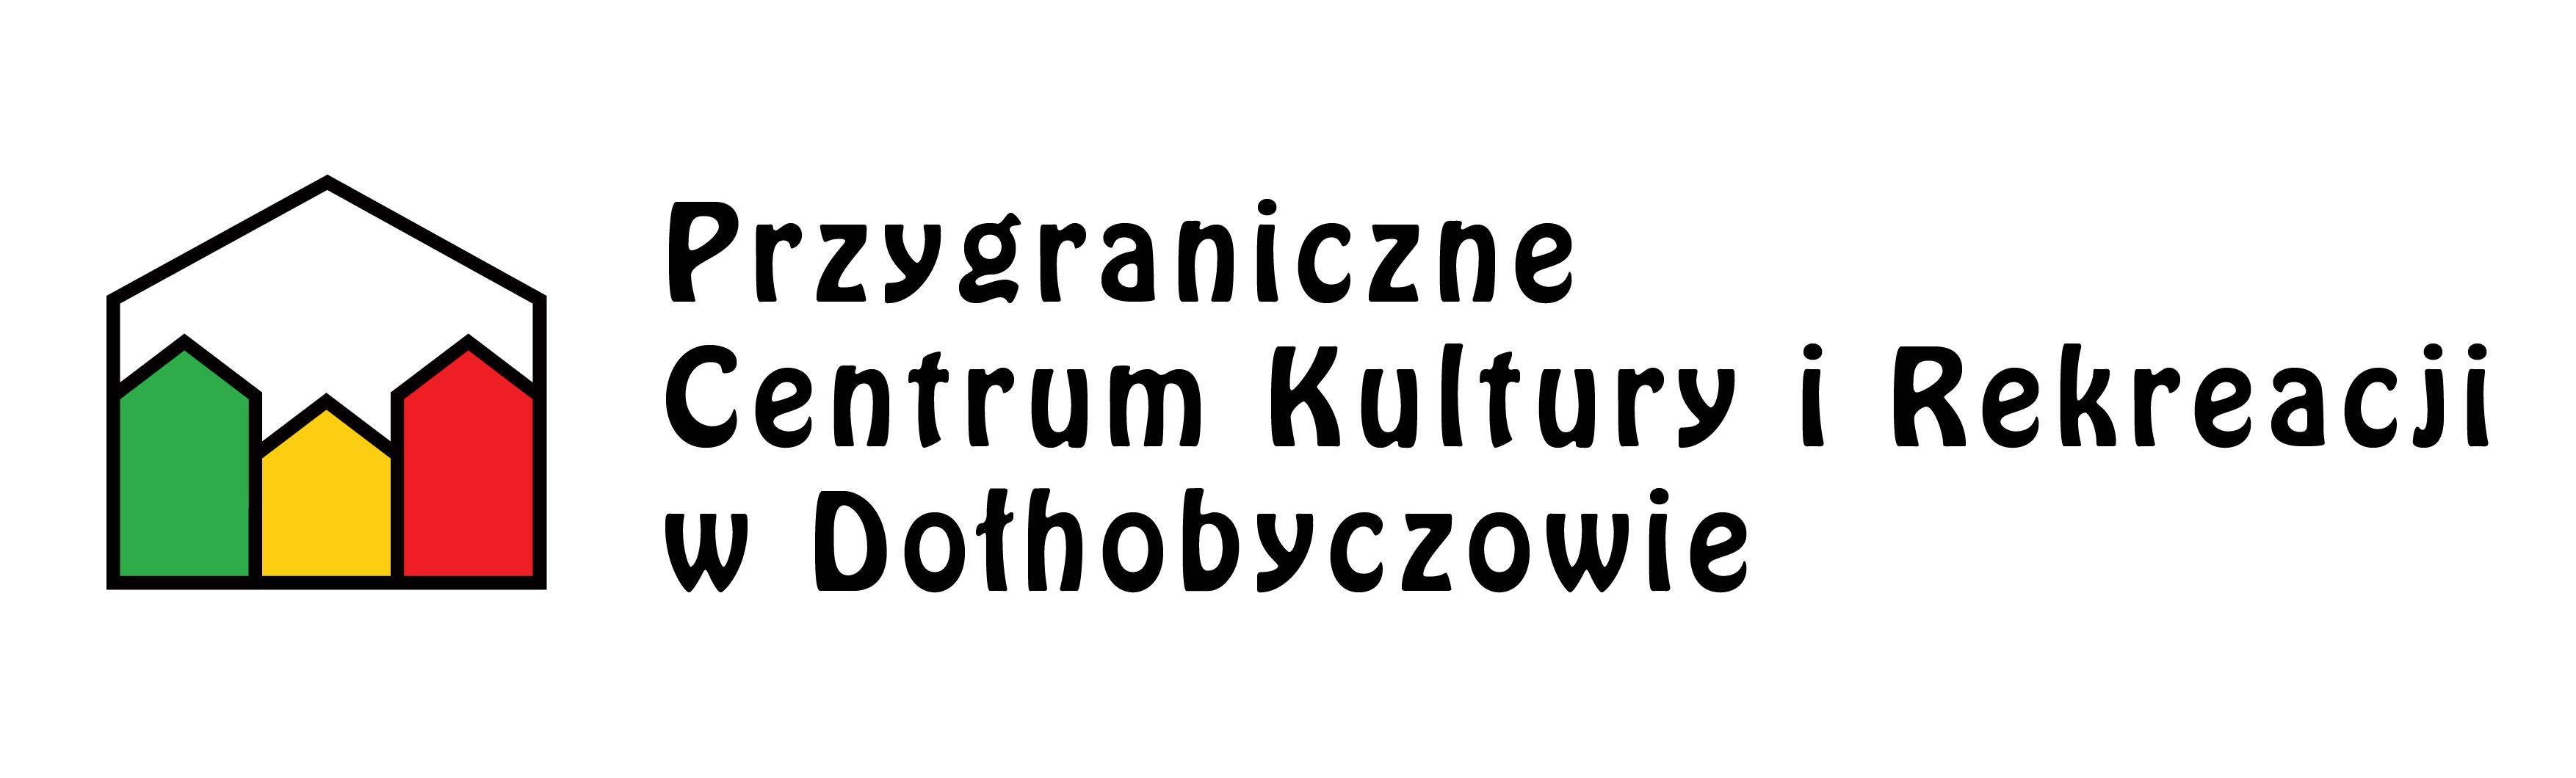 Przygraniczne Centrum Kultury iRekreacji